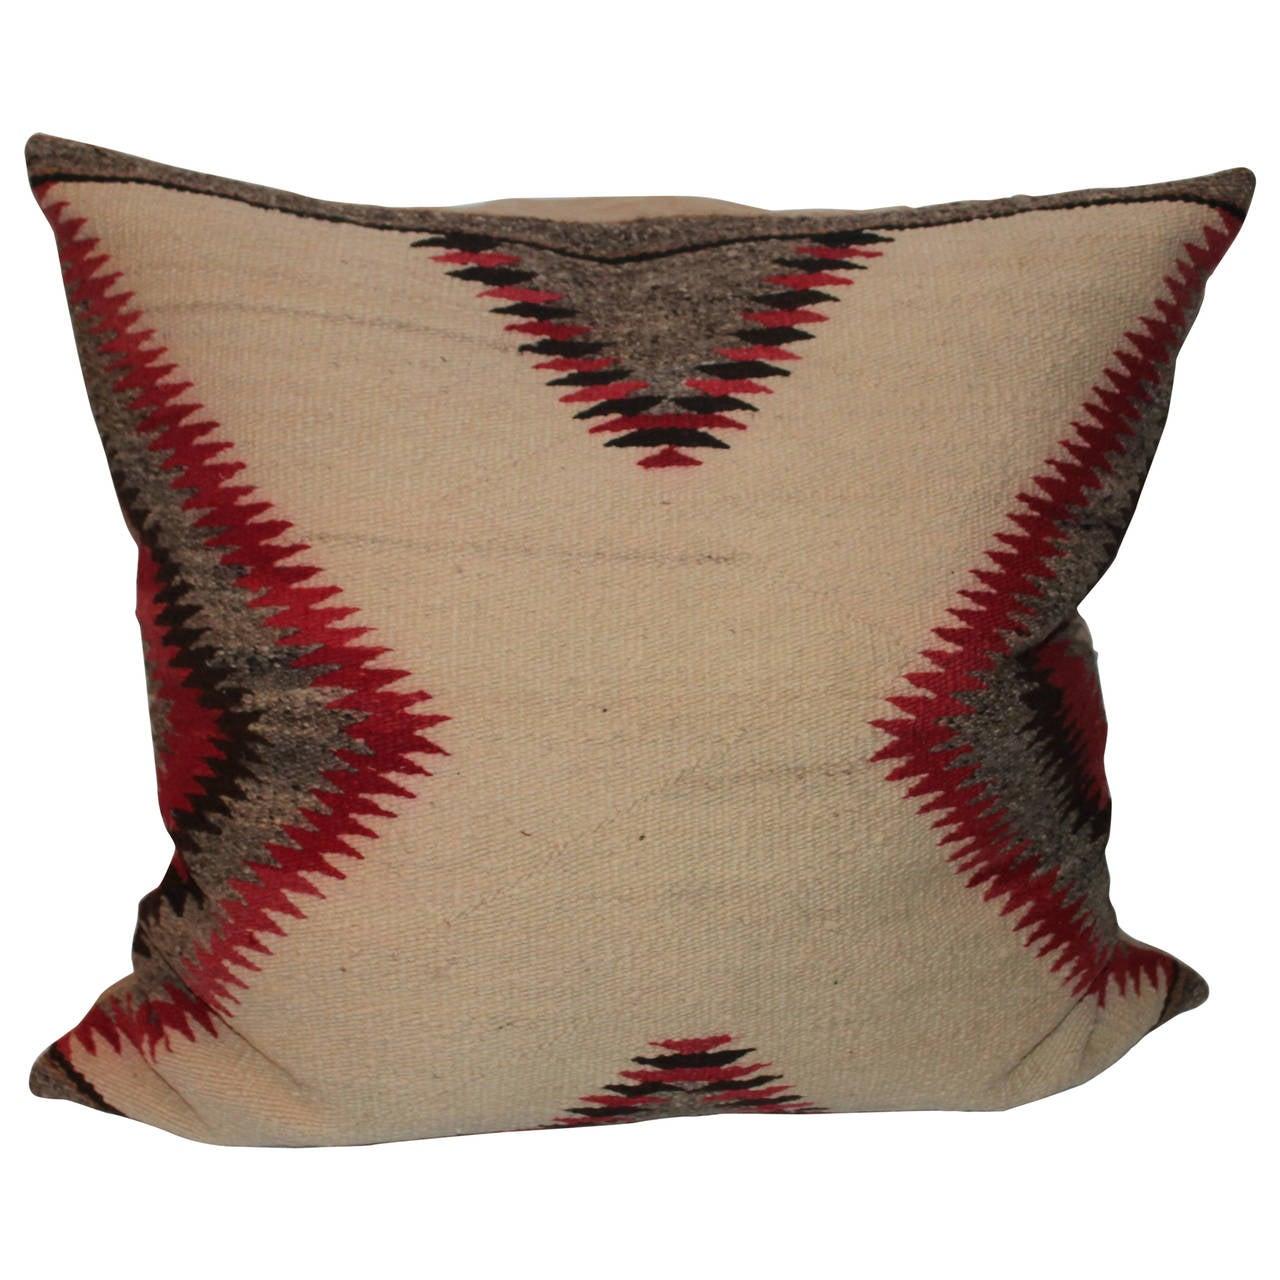 Large Navajo Indian Weaving Bolster Pillow At 1stdibs